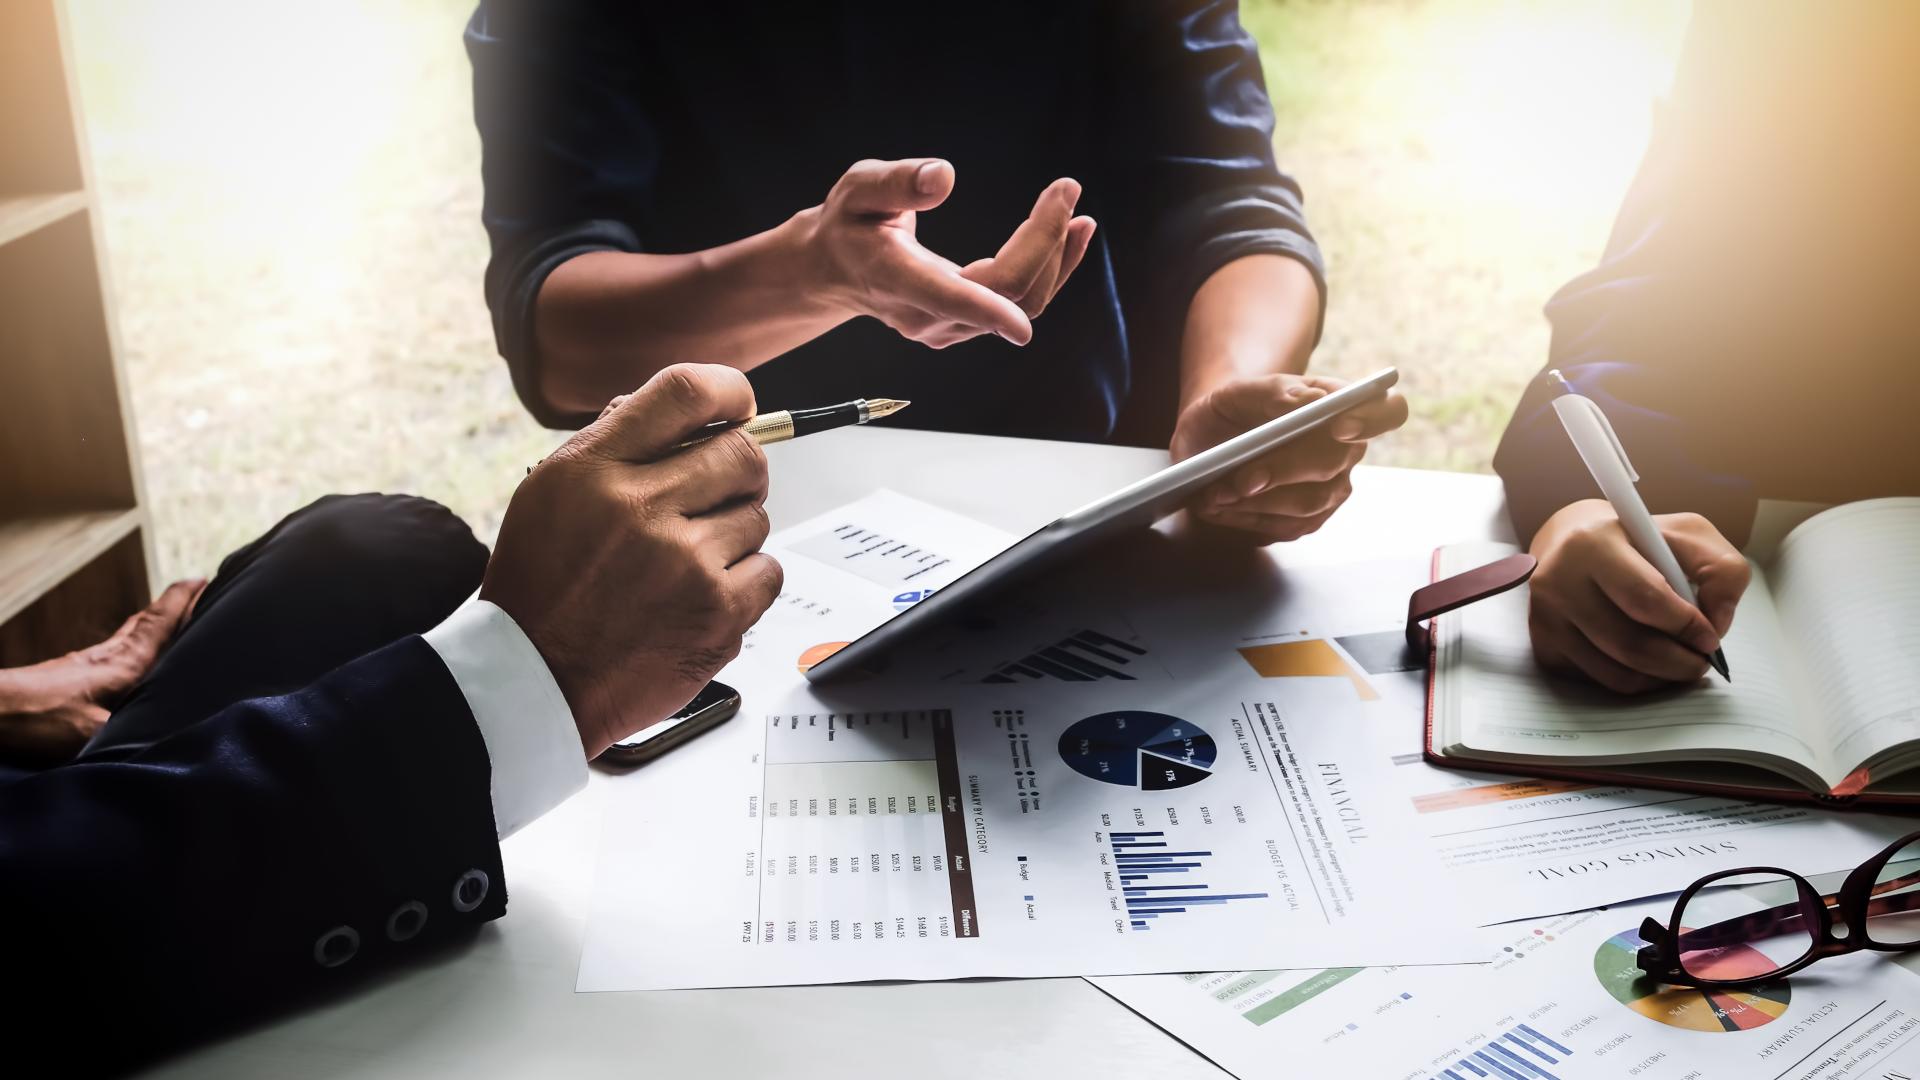 Analyse der finanziellen Unternehmensberichterstattung in Österreich